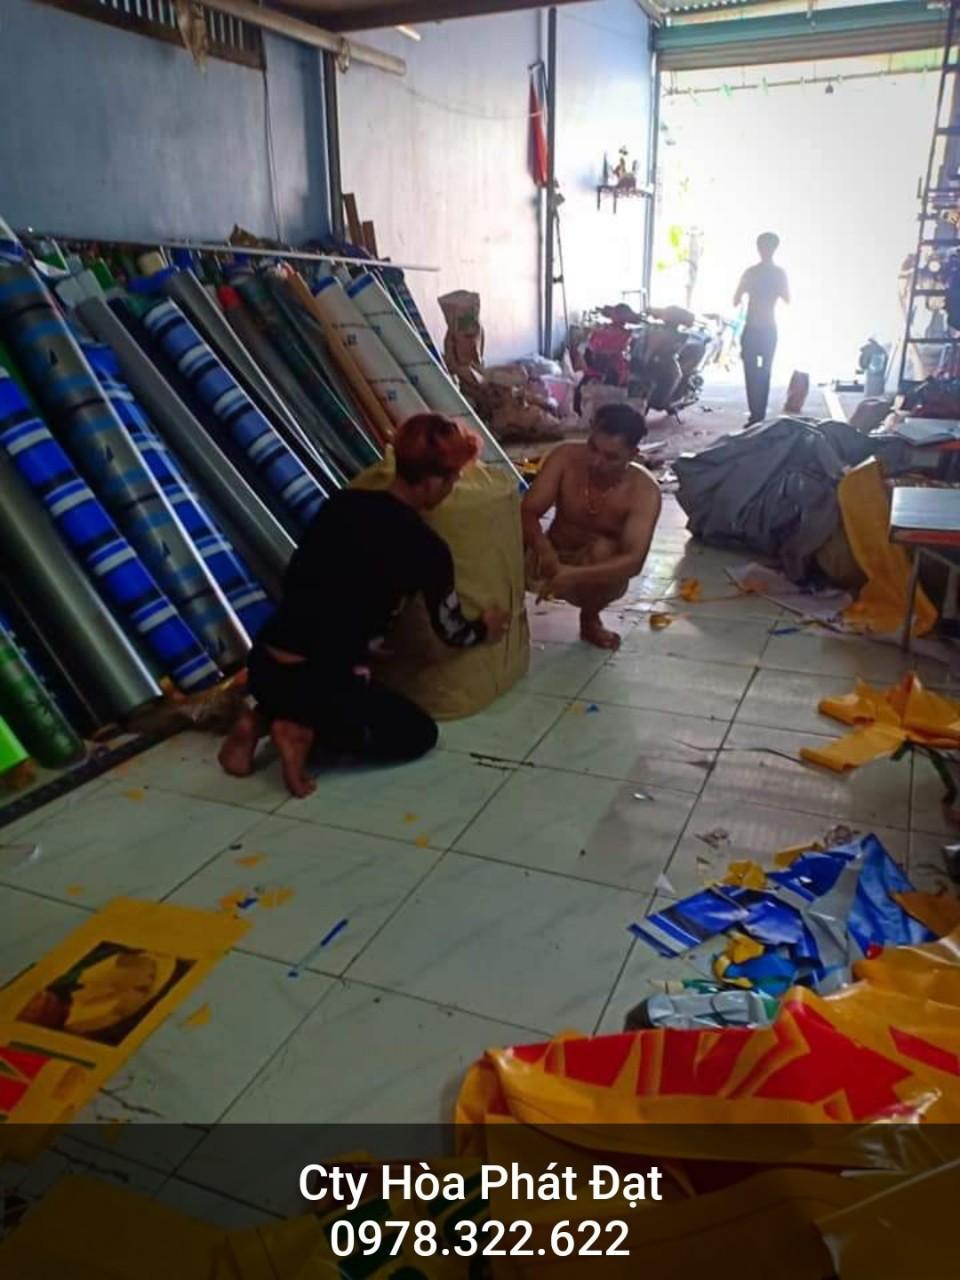 Chuyên cung cấp nhận in may ép vải bạt mái hiên mái xếp theo yêu cầu, gia công thay bạt mái che tại tp quãng ngãi